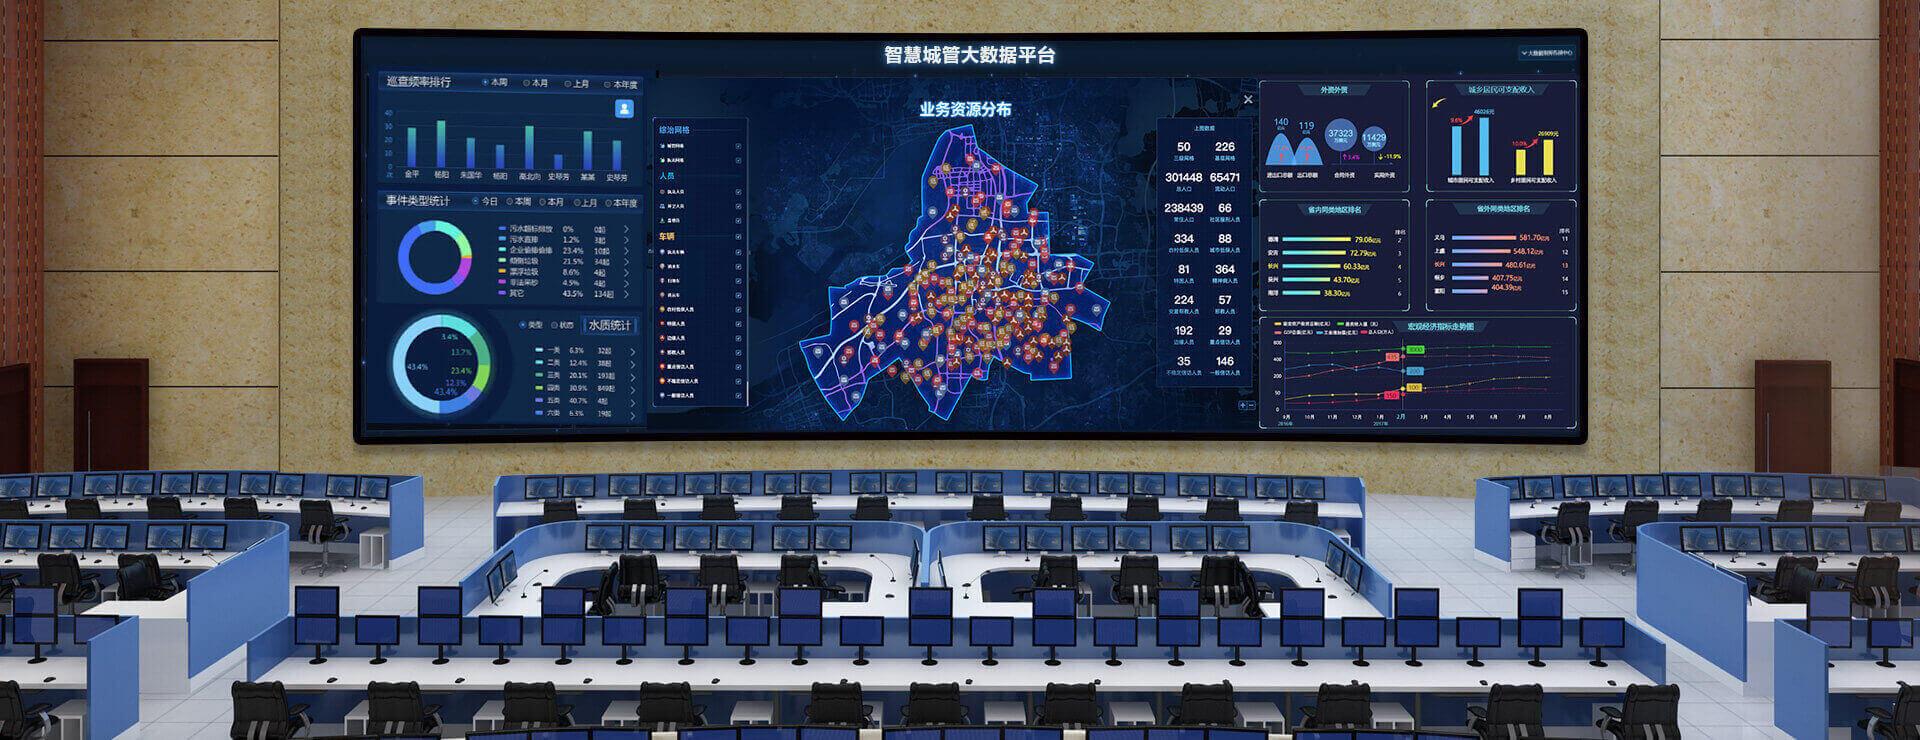 垃圾分类整体解决方案 智慧城市 环卫一体 智能垃圾分类管理系统  监管系统 智能决策系 ...